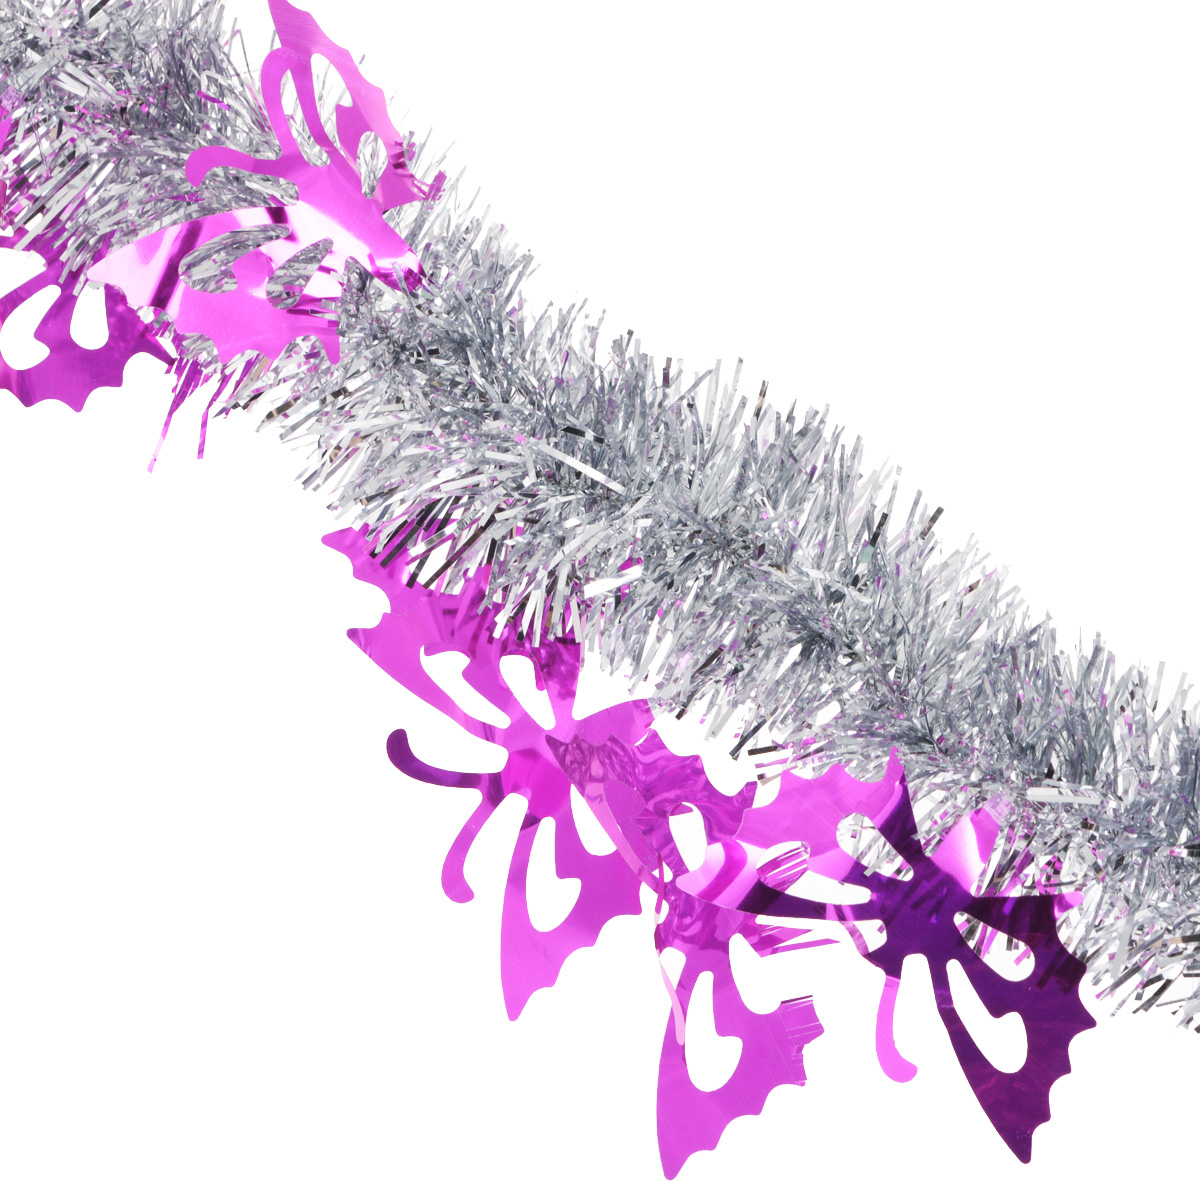 Мишура новогодняя Sima-land, цвет: серебристый, фиолетовый, диаметр 5 см, длина 200 см825981Мишура новогодняя Sima-land, выполненная из двухцветной фольги, поможет вам украсить свой дом к предстоящим праздникам. Мишура армирована, то есть имеет проволоку внутри и способна сохранять приданную ей форму.Новогодняя елка с таким украшением станет еще наряднее. Новогодней мишурой можно украсить все, что угодно - елку, квартиру, дачу, офис - как внутри, так и снаружи. Можно сложить новогодние поздравления, буквы и цифры, мишурой можно украсить и дополнить гирлянды, можно выделить дверные колонны, оплести дверные проемы. Мишура принесет в ваш дом ни с чем несравнимое ощущение праздника! Создайте в своем доме атмосферу тепла, веселья и радости, украшая его всей семьей.